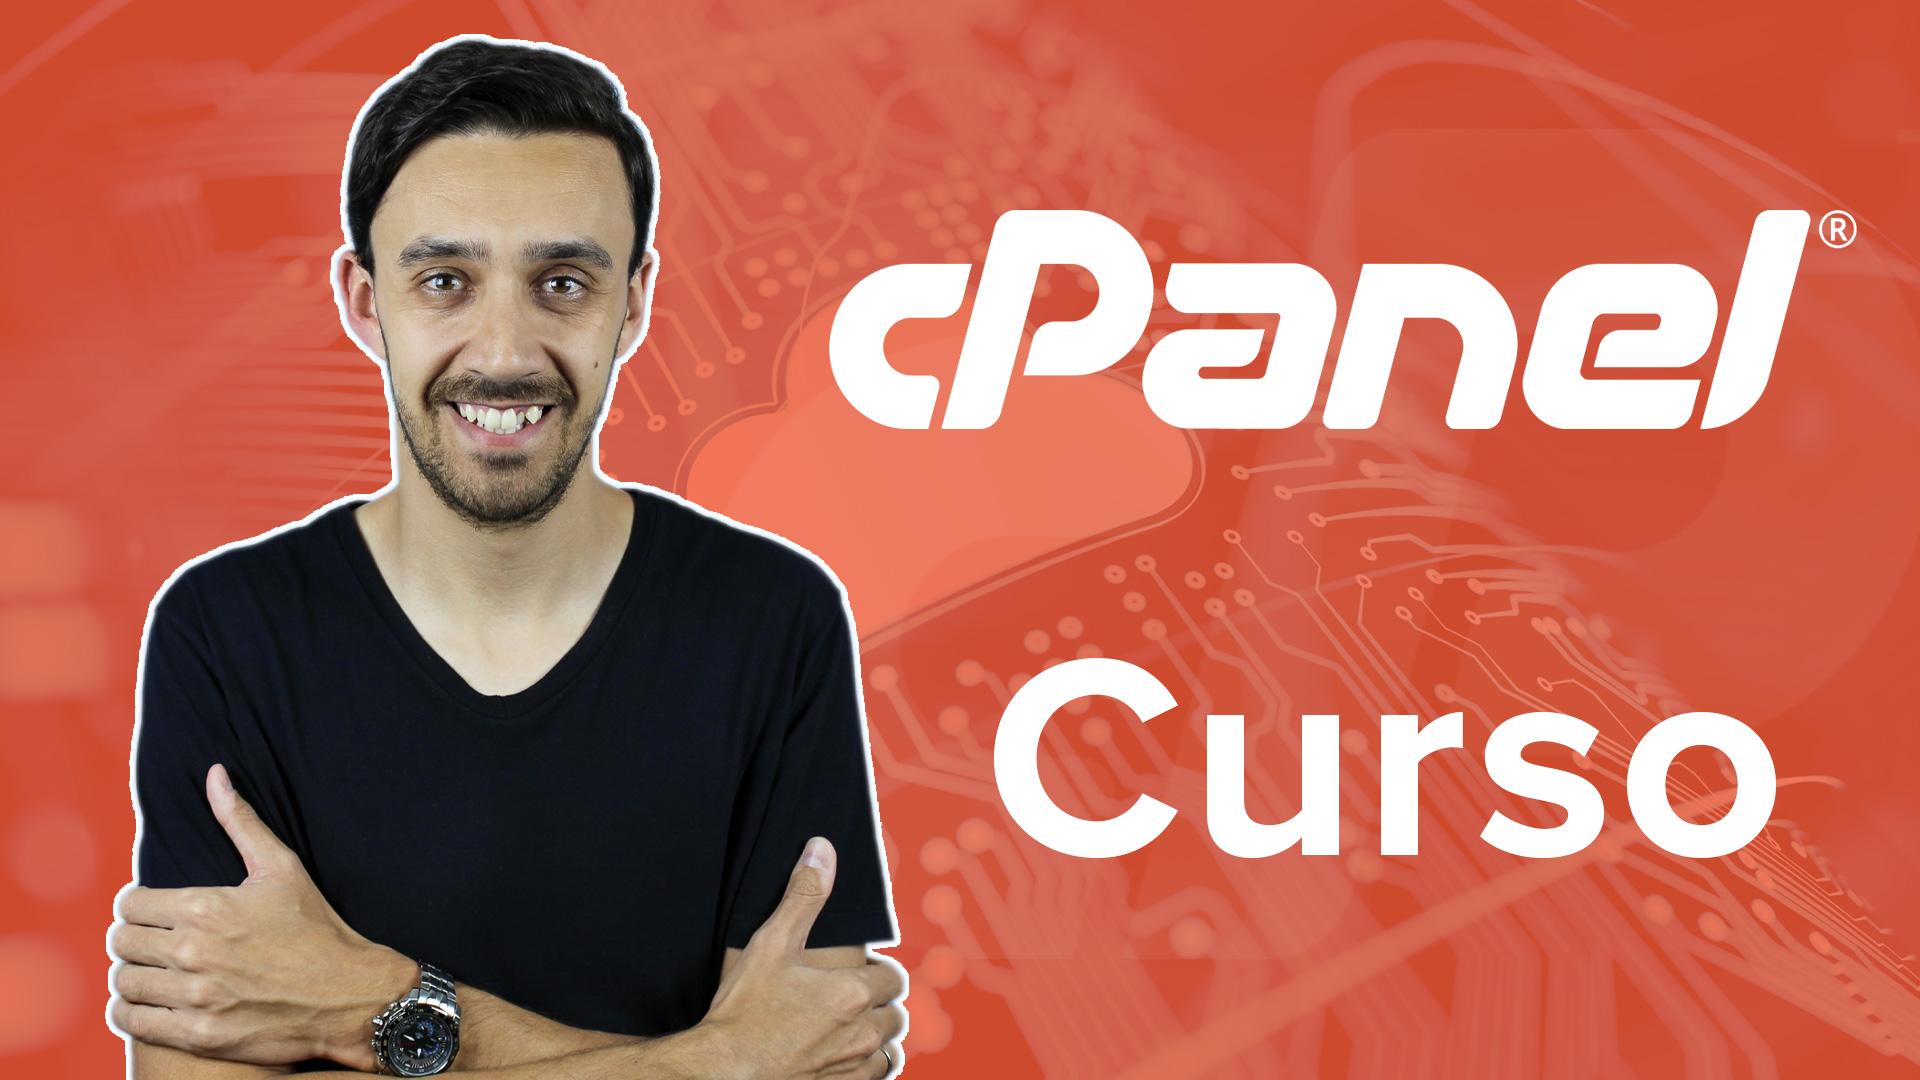 Curso de cPanel Online e Gratuito